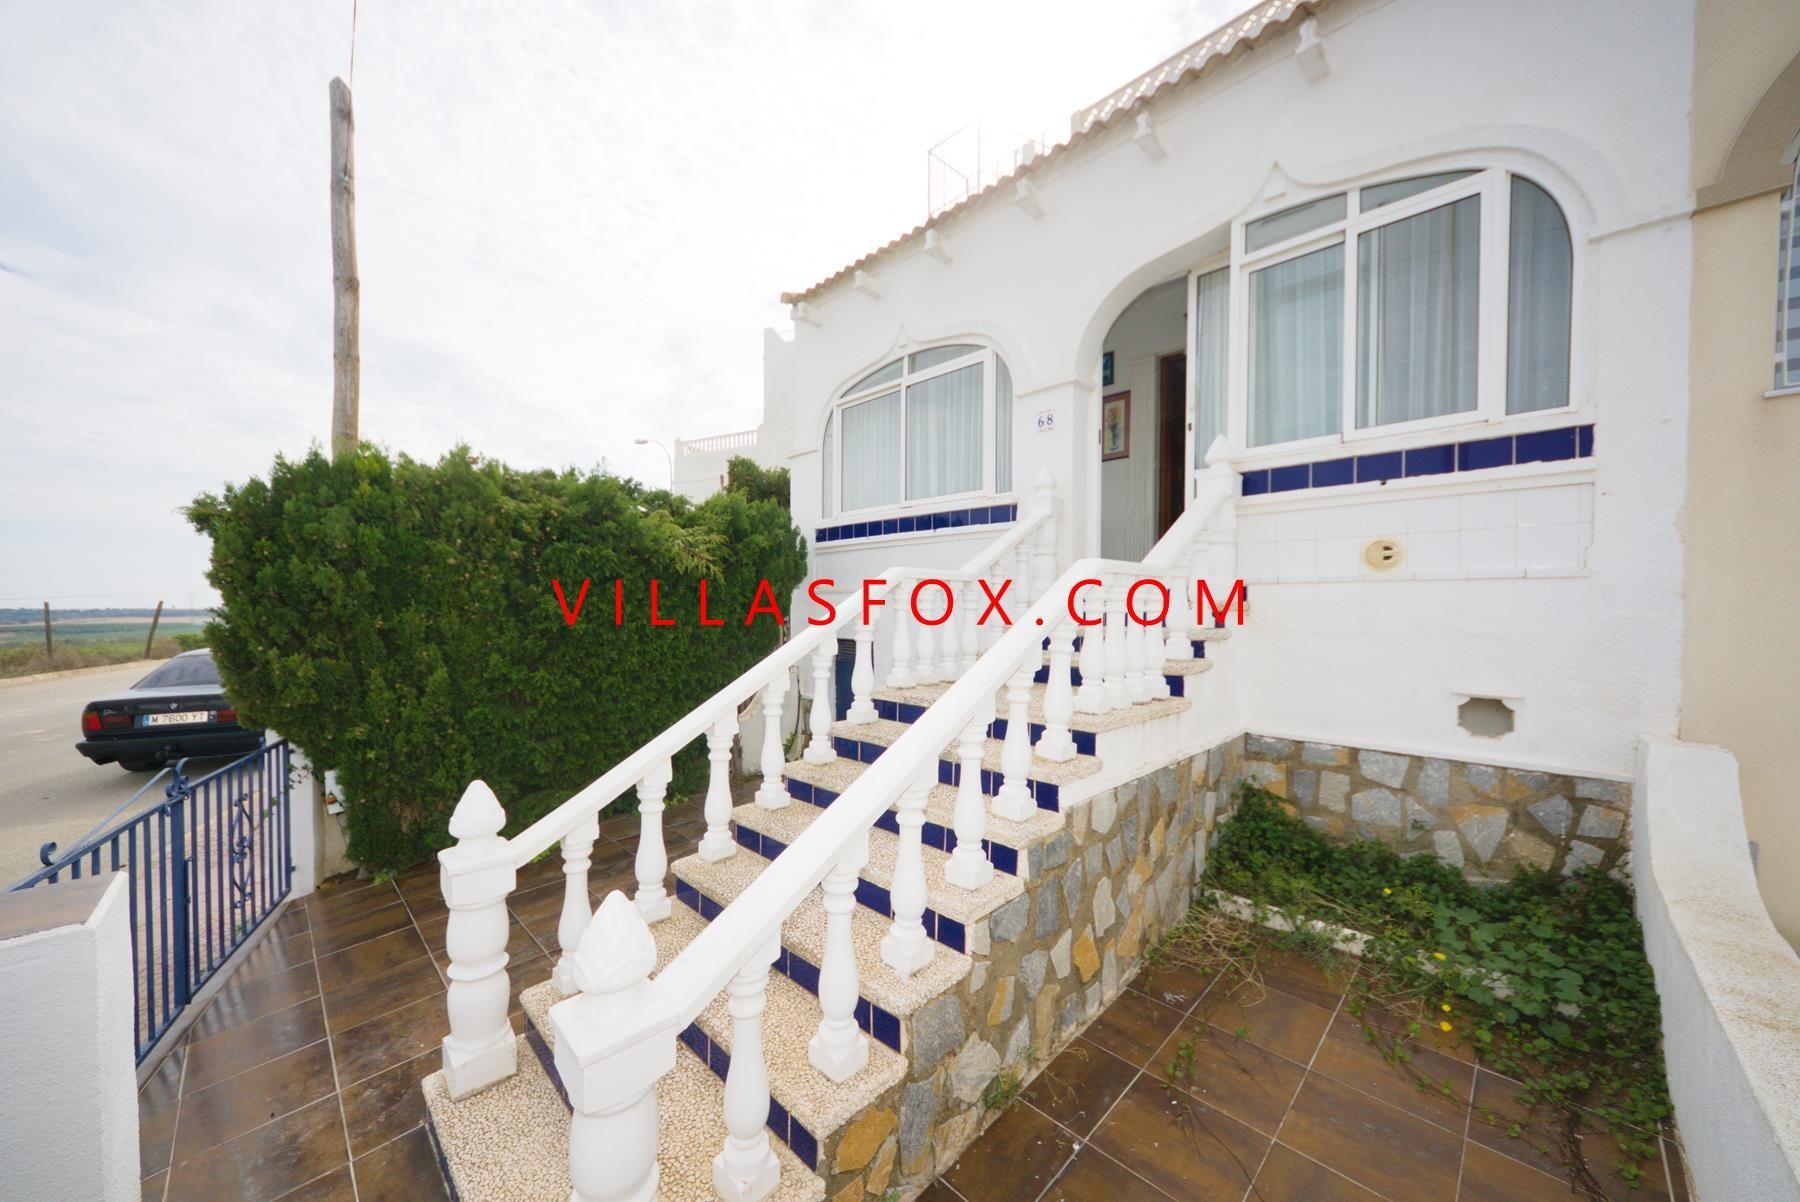 Balcón de la Costa Blanca - 3 bed, 2 bath semi-detached villa with large garden